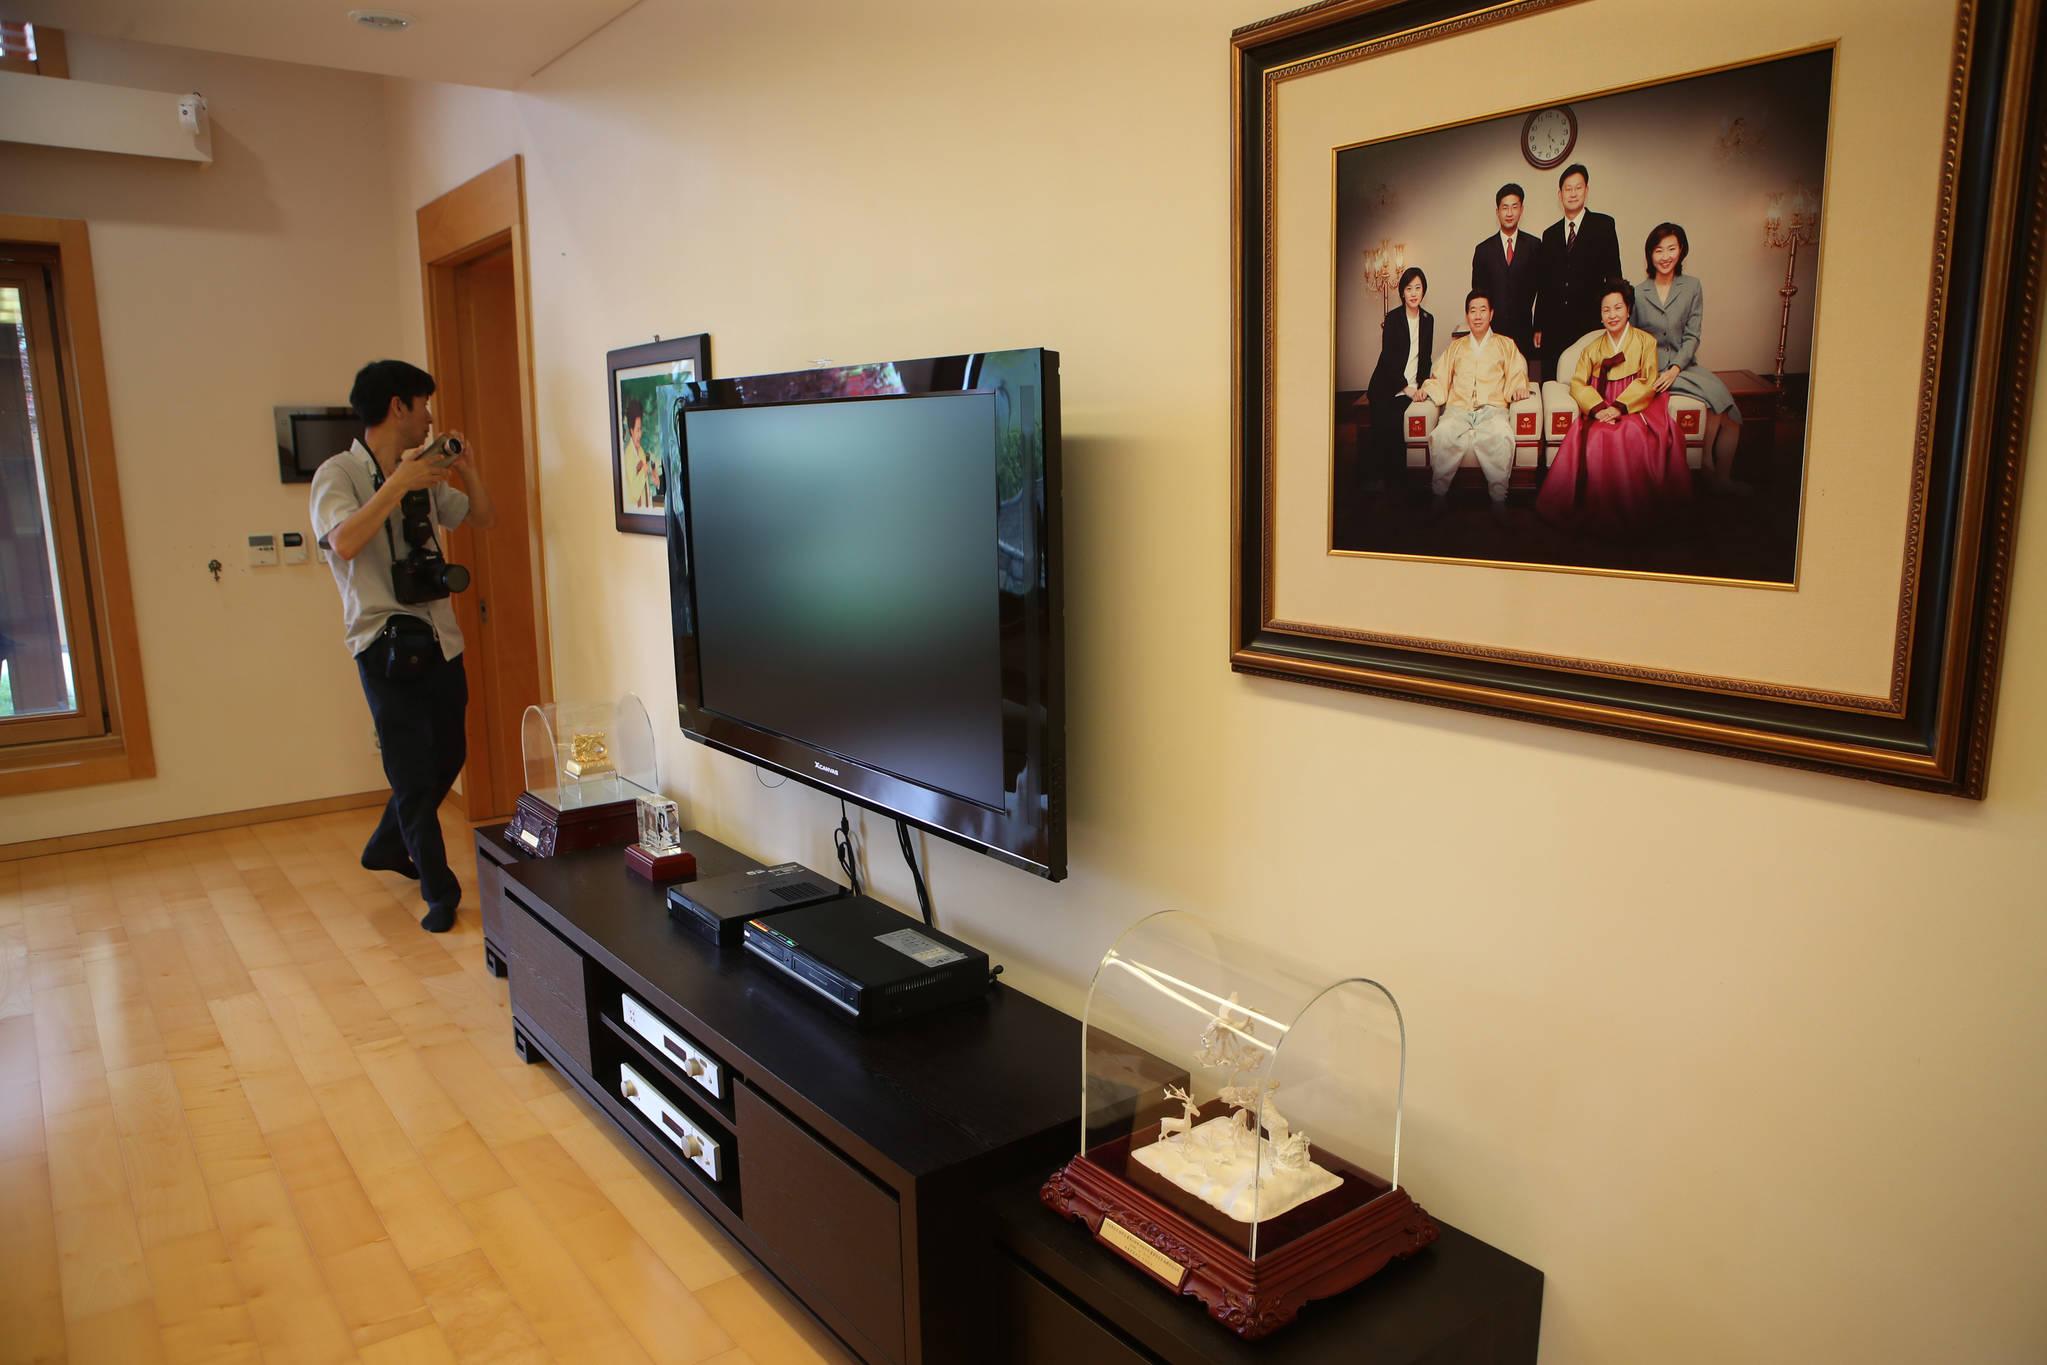 거실에 걸려있는 고 노무현 전 대통령 가족사진.